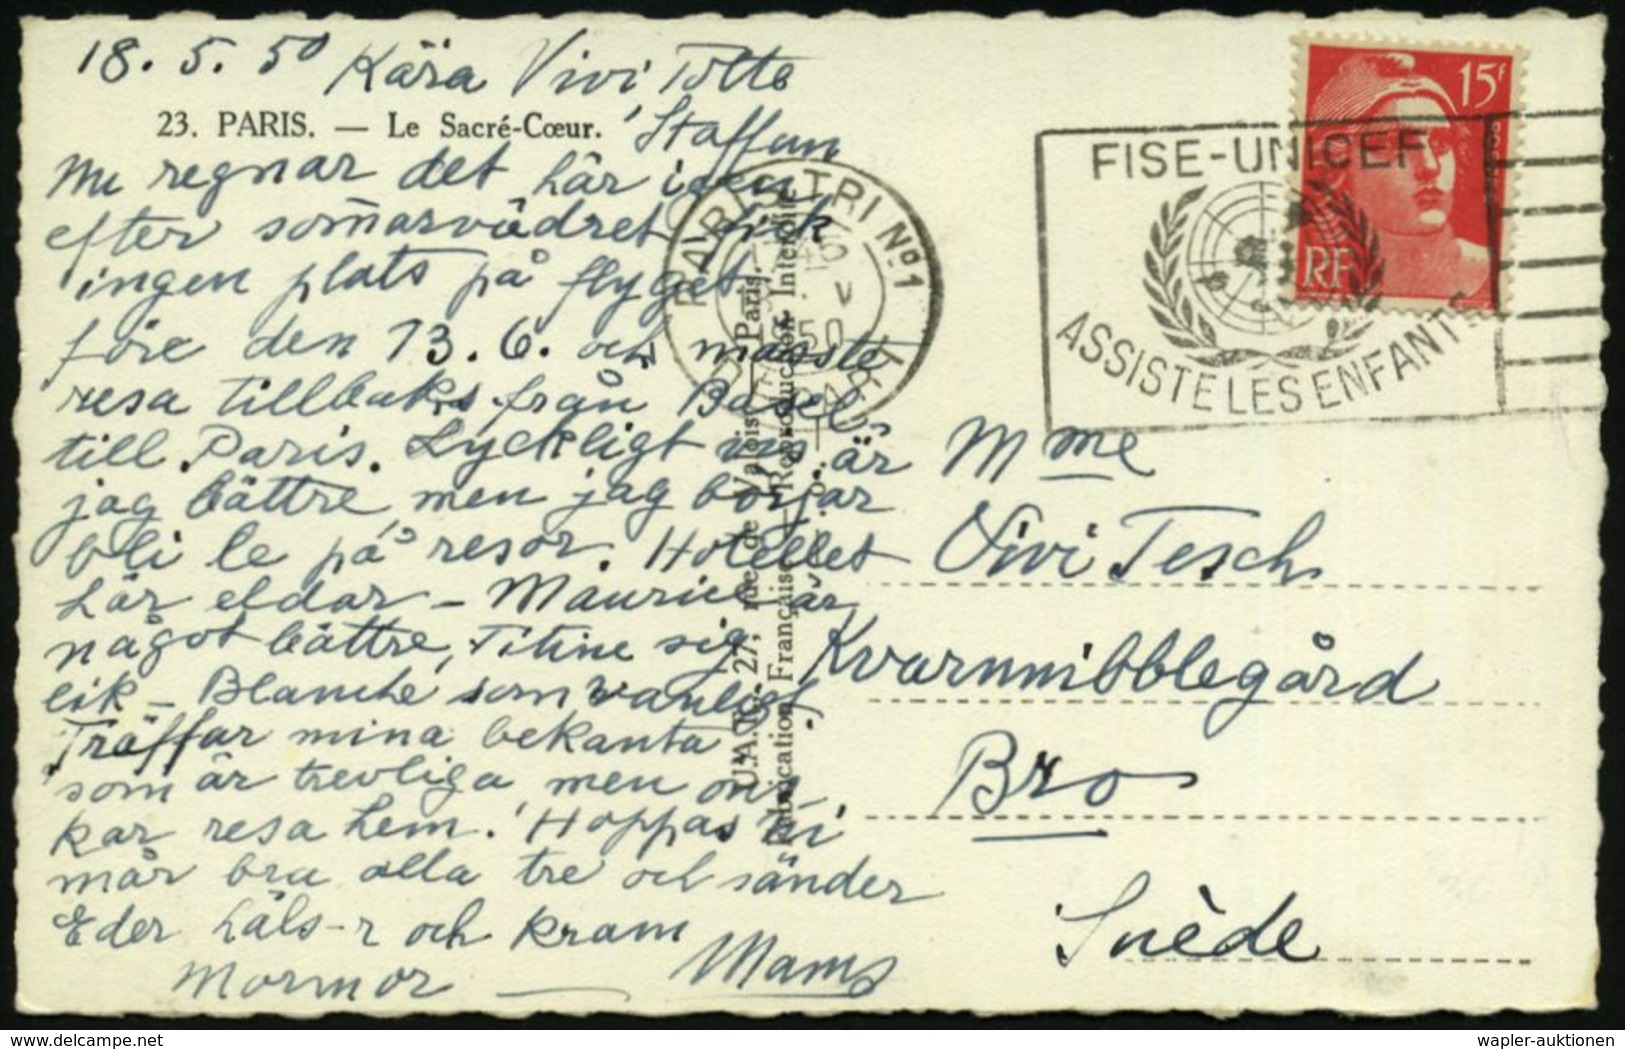 FRANKREICH 1950 (Mai) MWSt: PARIS TRI No.1/DEPART/FISE-UNICEF/ASSISTE LES ENFANTS (UN-Logo) Klar Auf Ausl.-Ak.  - - UNICEF